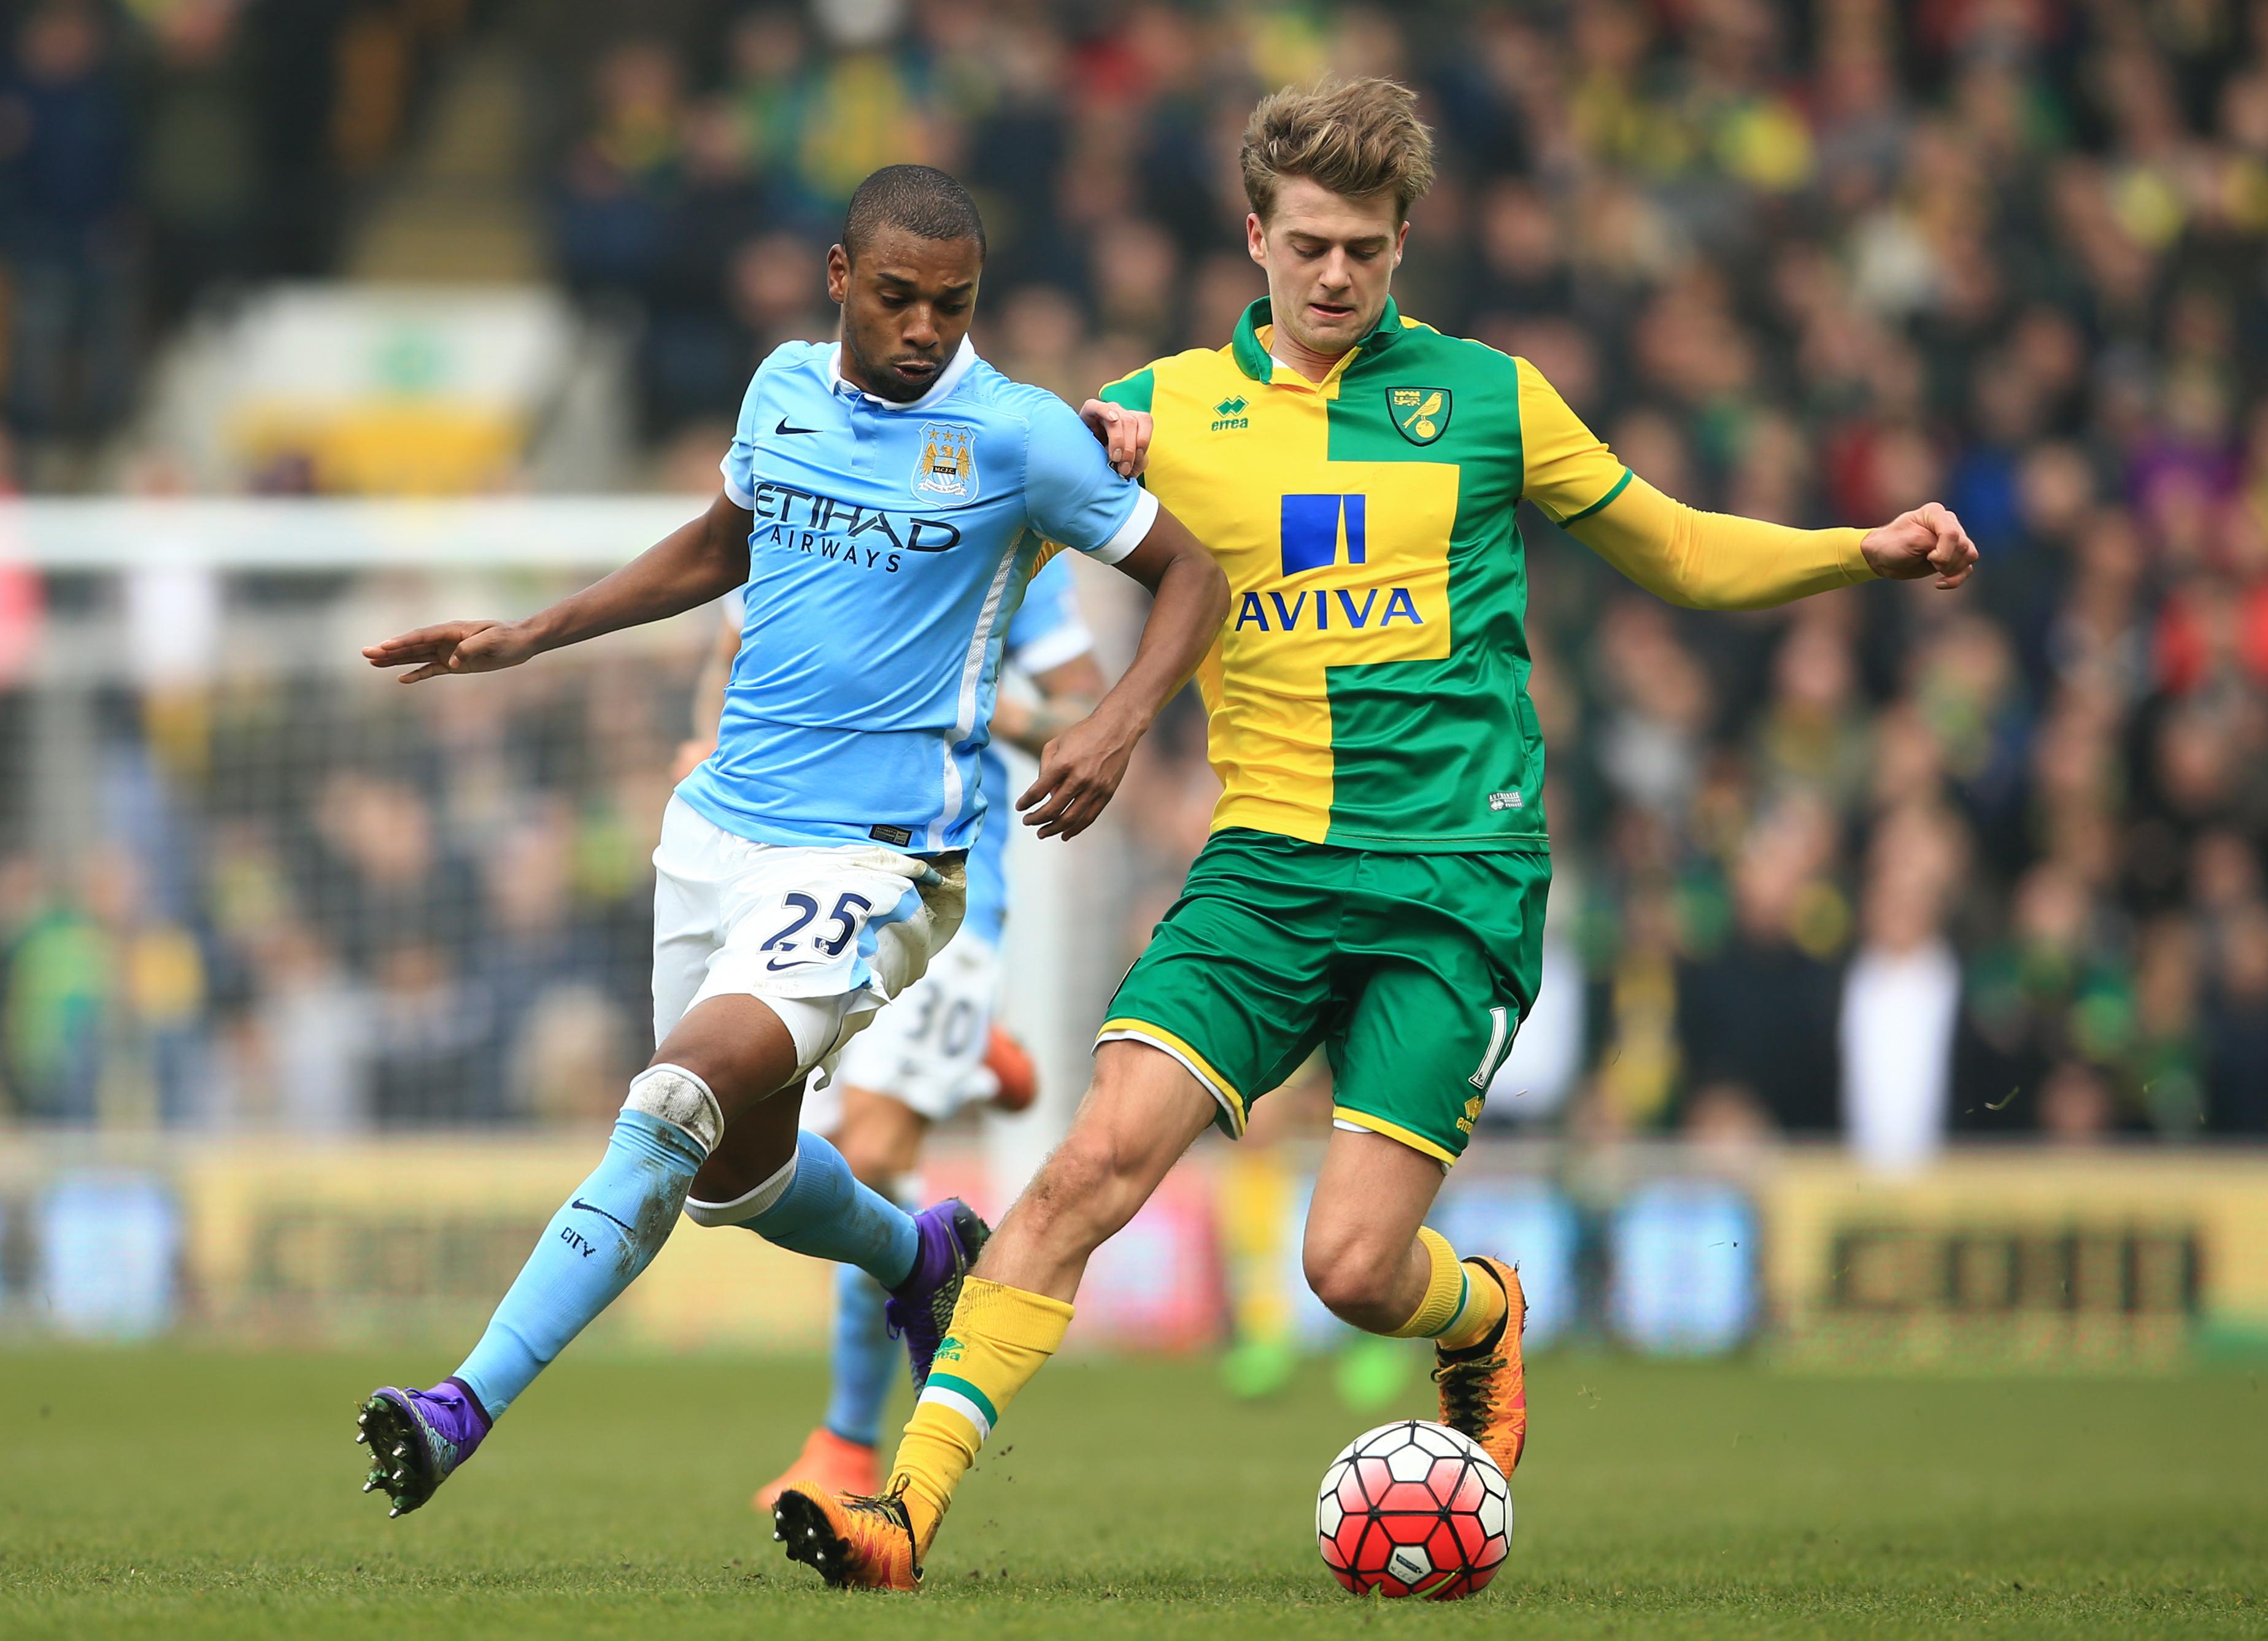 Norwich City v Manchester City - Barclays Premier League - Carrow Road